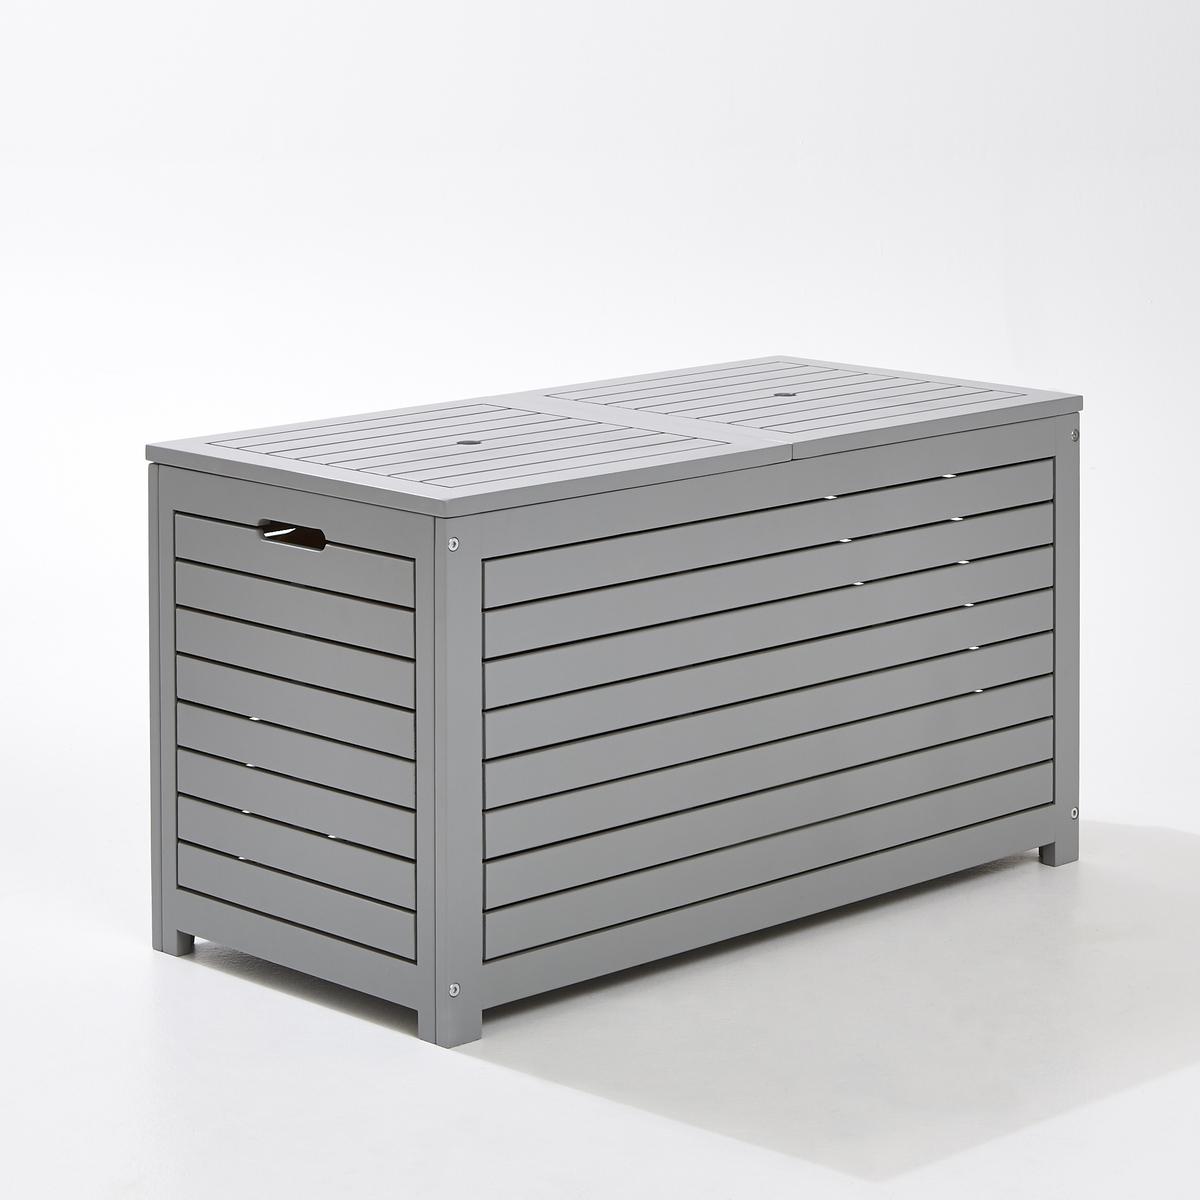 Ящик для вещей прямоугольный из акацииХарактеристики : Акация, морениеСочетается с ящиком для вещей квадратной формы (продается на сайте laredoute.ruРазмеры : Ширина : 90 смГлубина : 45 см.Высота : 50 см.Размеры и вес упаковки :1 упаковкаДлина 94 см.Ширина 51смВысота 13.5см Вес: 14 кг.Качество :Акация обладает хорошими механическими свойствами (прочность, устойчивость к насекомым и грибам, устойчивость к непогоде и чередованию сухой и влажной погоды).Доставка :Ящик продается в разобранном виде. Возможна доставка до квартиры !Внимание ! Убедитесь, что товар возможно доставить на дом, учитывая его габариты (проходит в двери, по лестницам, в лифты).<br><br>Цвет: серый<br>Размер: единый размер